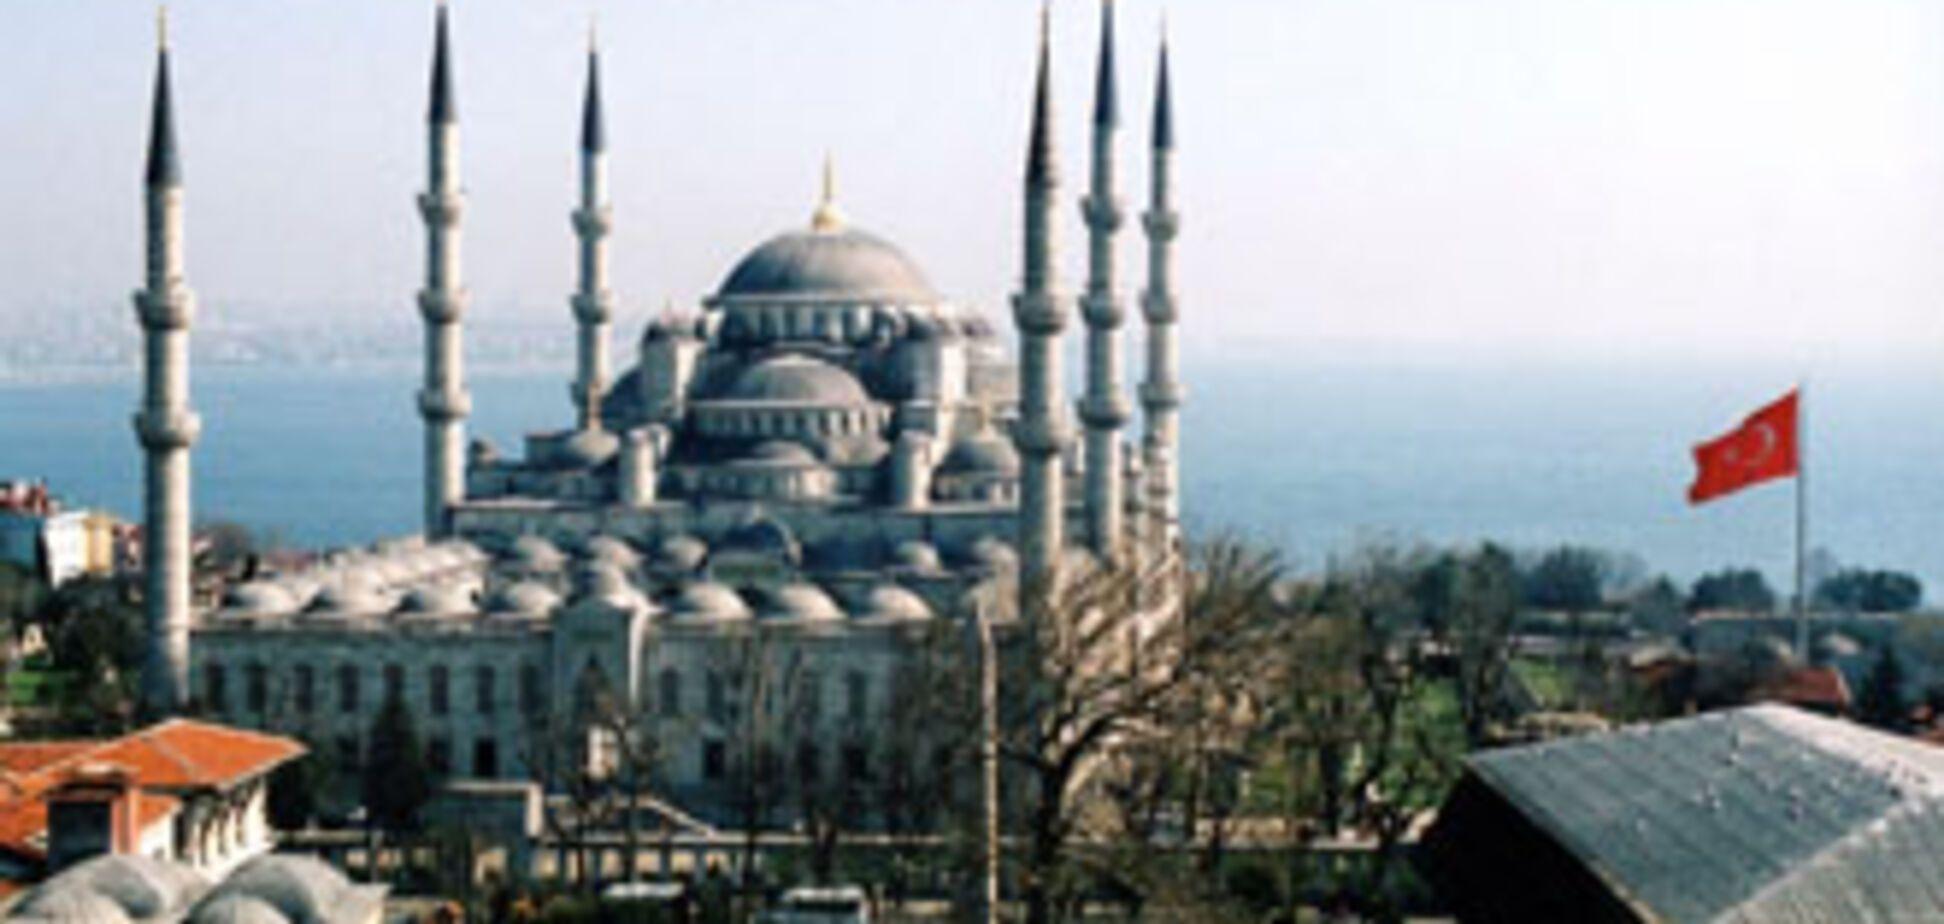 В районе Стамбула прогнозируют разрушительное землетрясение